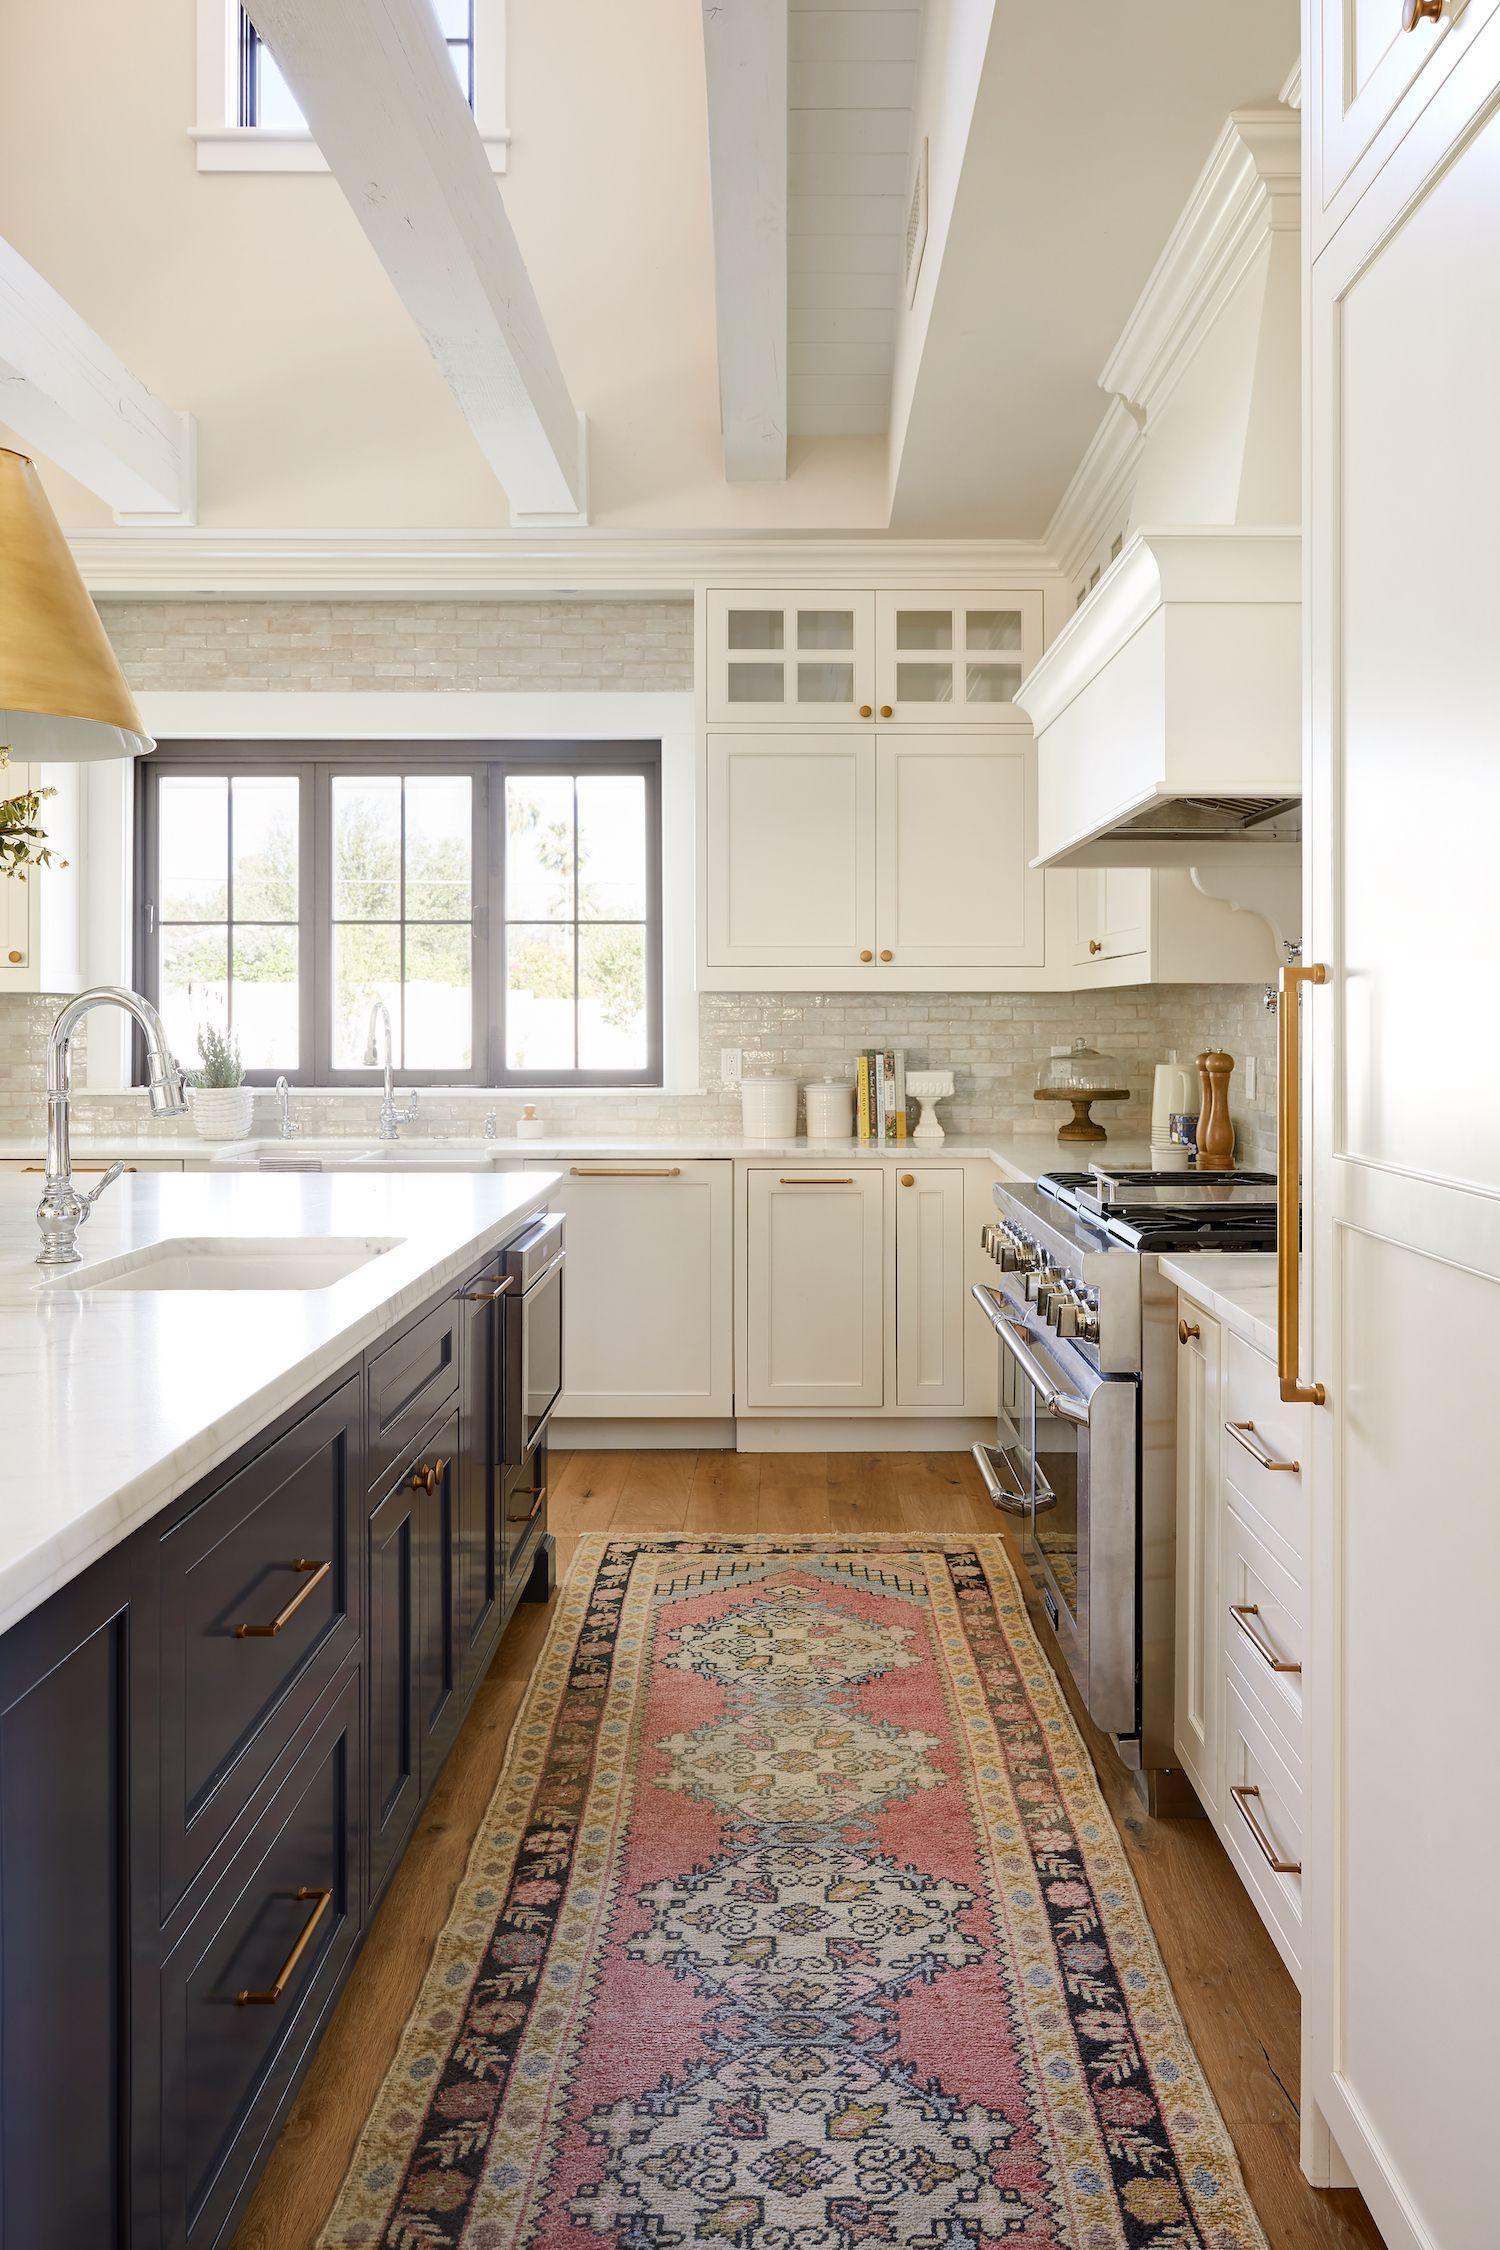 White And Navy Kitchen Design By Phoenix Interior Designer Lexi Westergard Design The Identite Collect Kitchen Design Interior Design Kitchen Kitchen Remodel